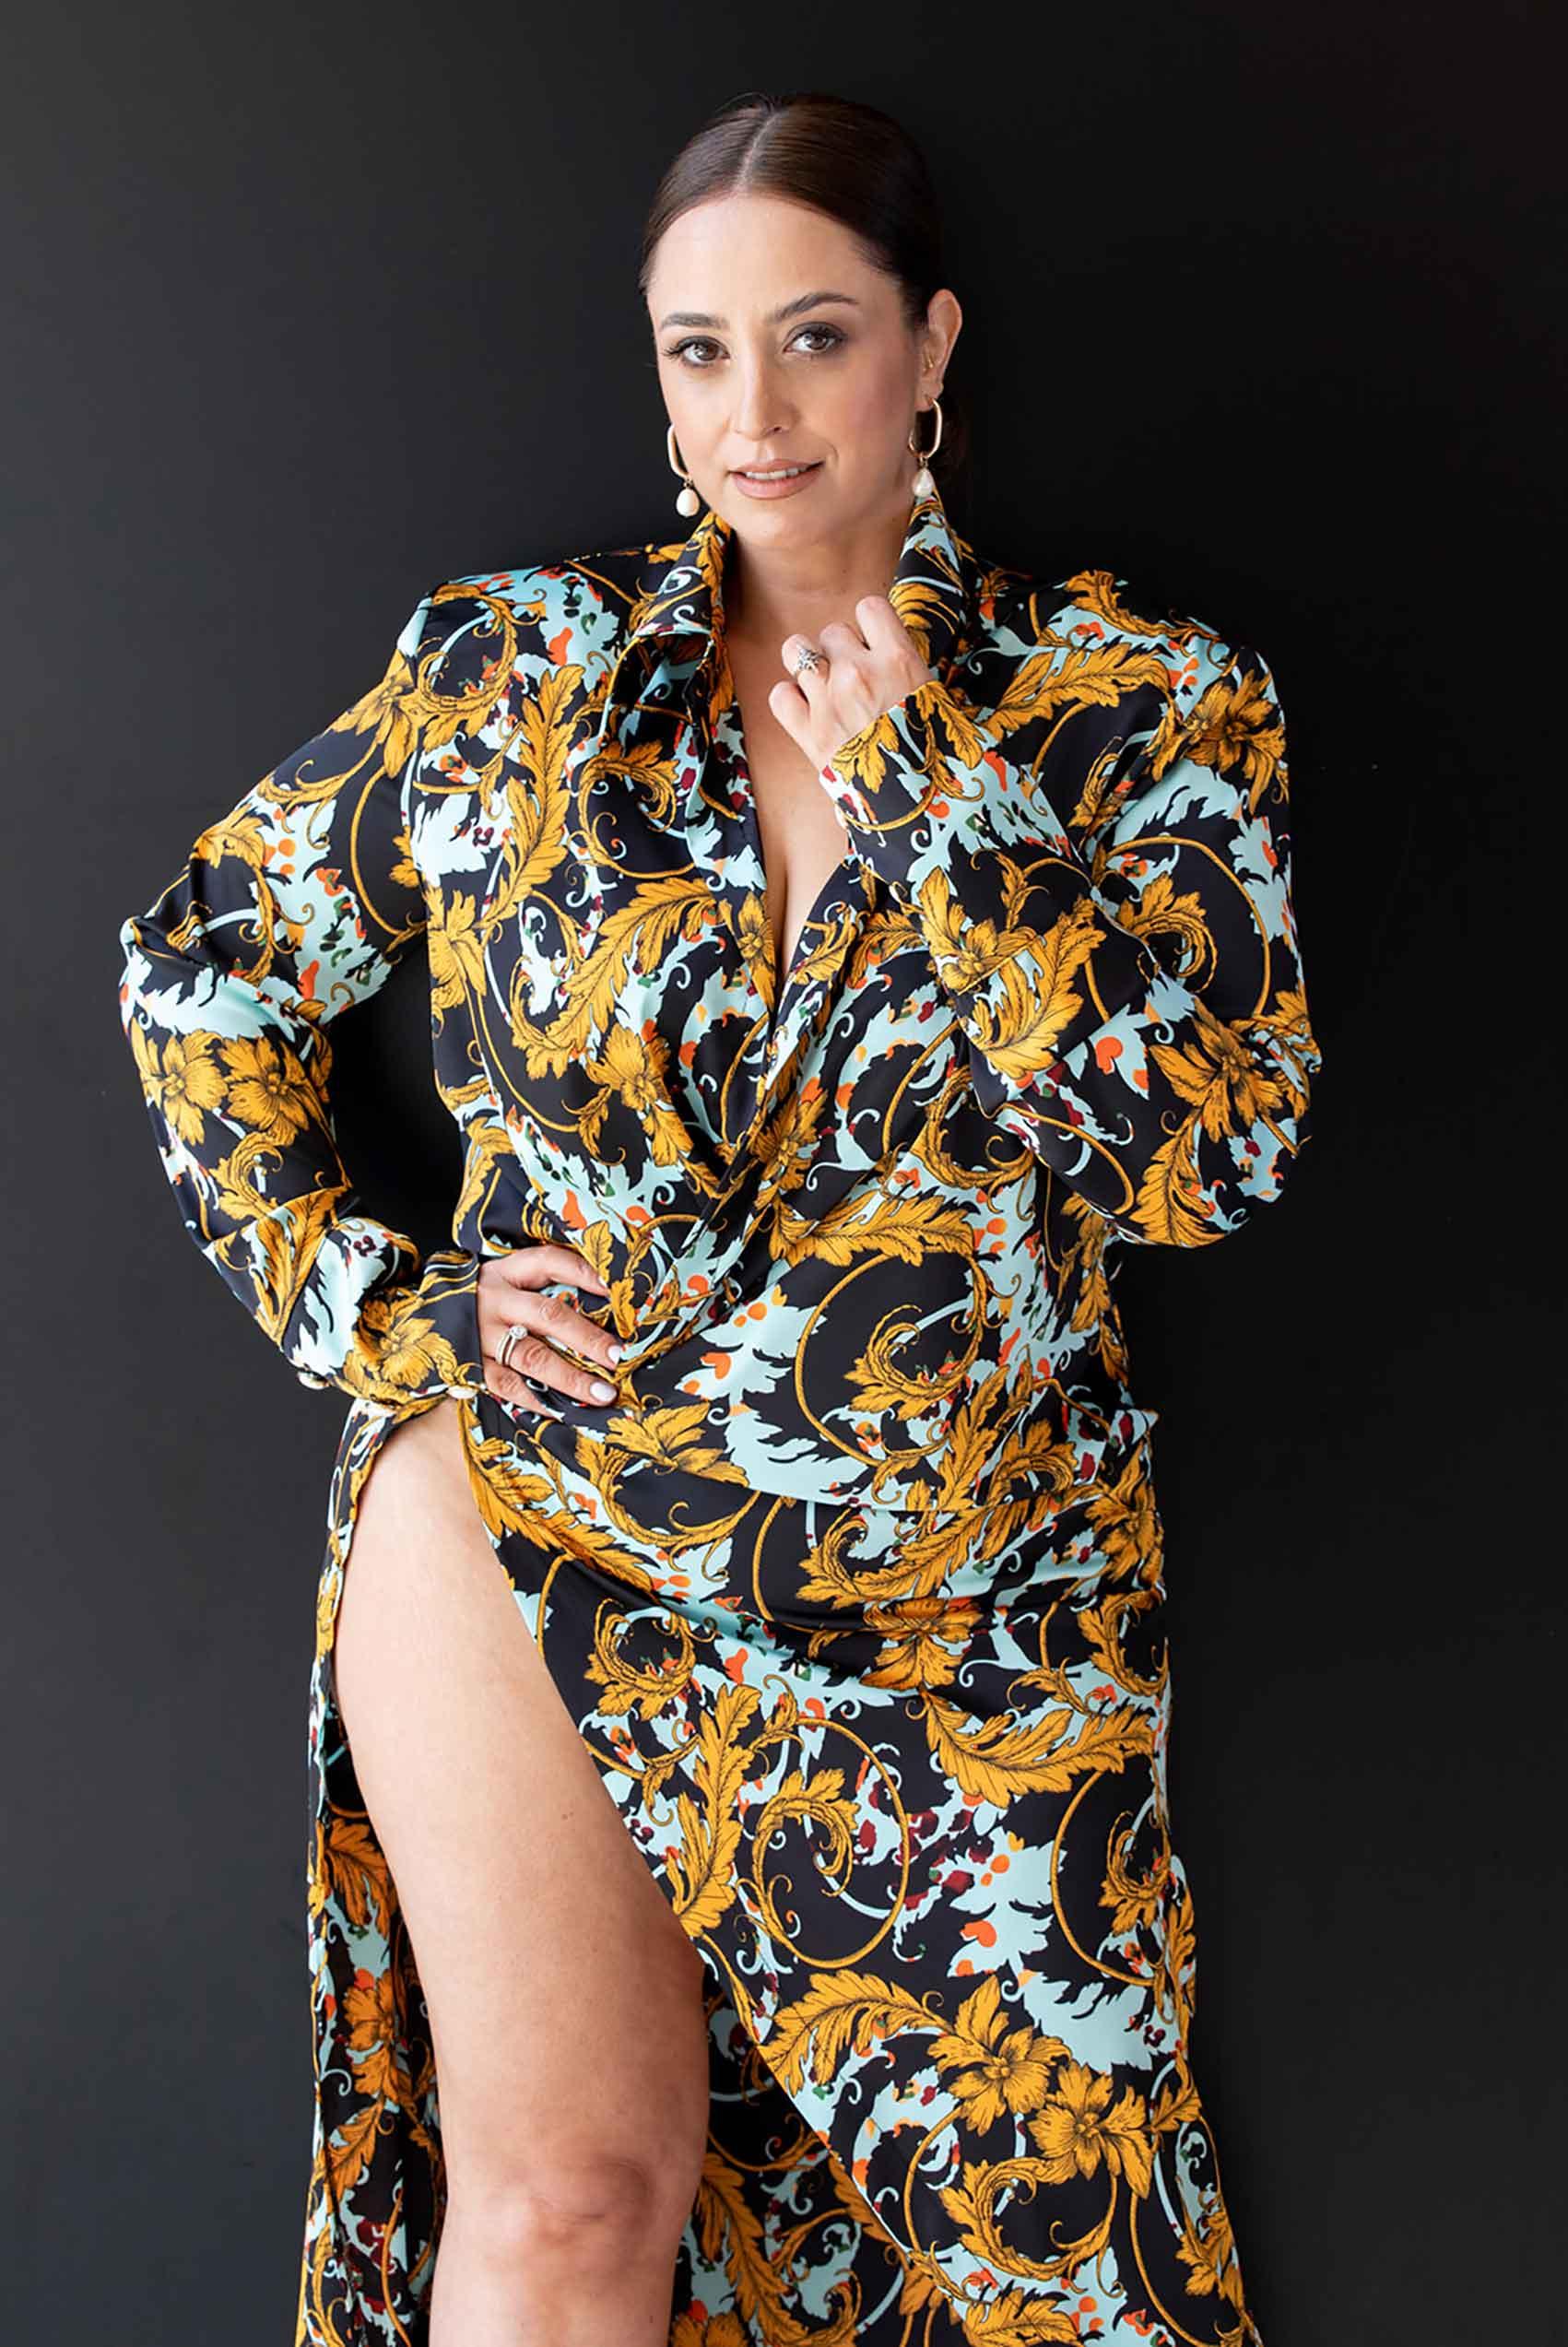 טלי ארבל לובשת אסיה, צילום: שלי פדן-לורבר-80